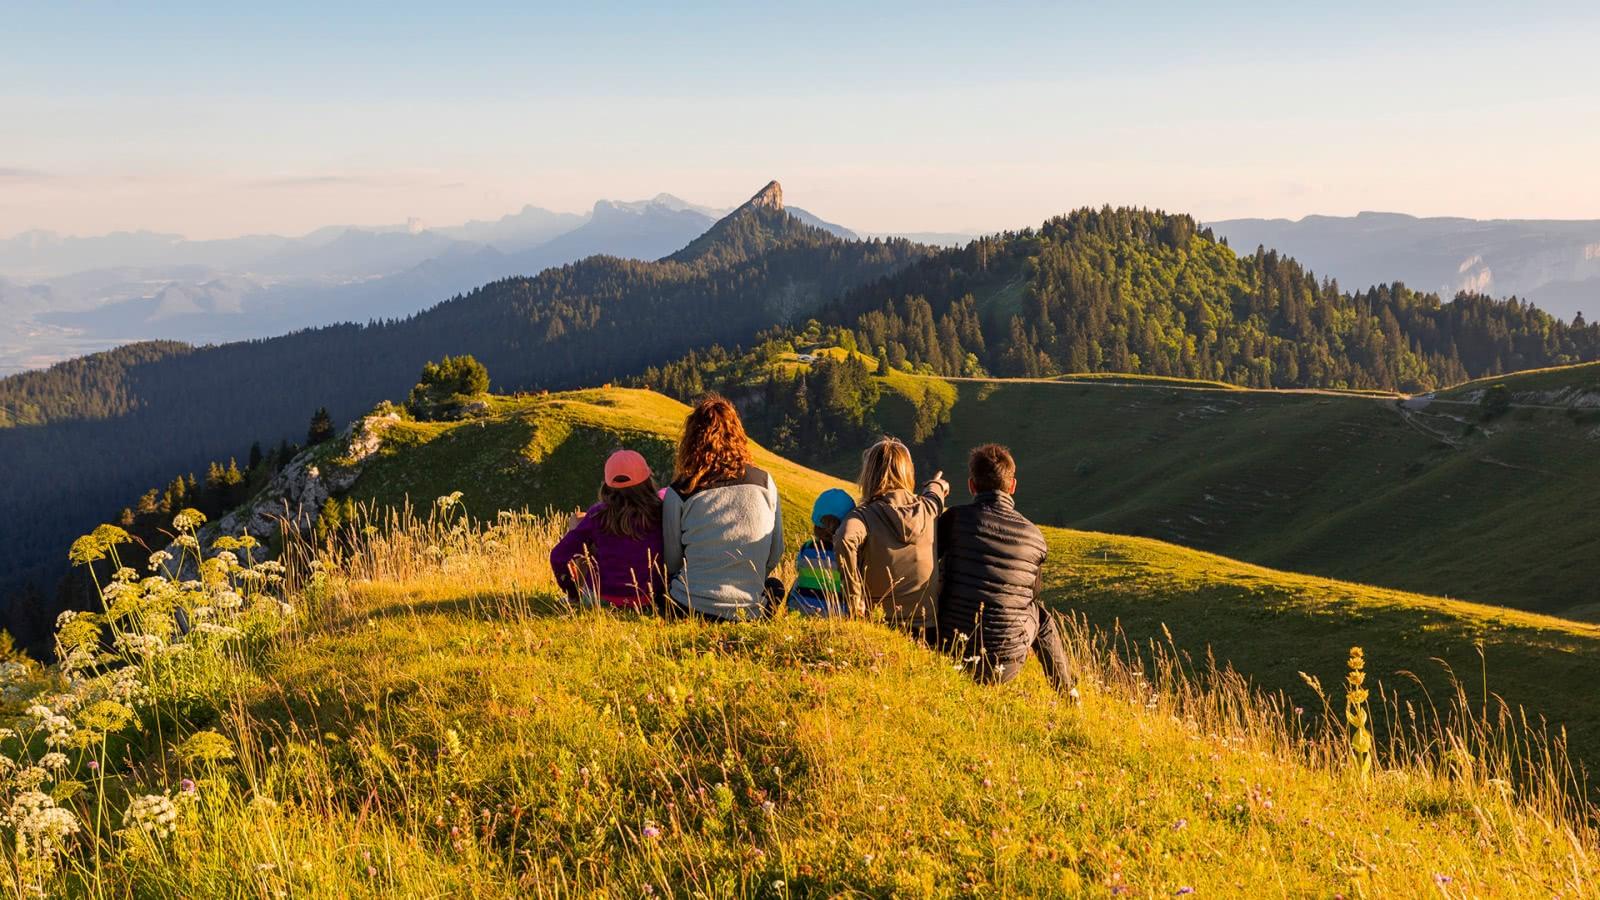 Randonnée en famille au sommet du Charmant Som - PNR Chartreuse (38)